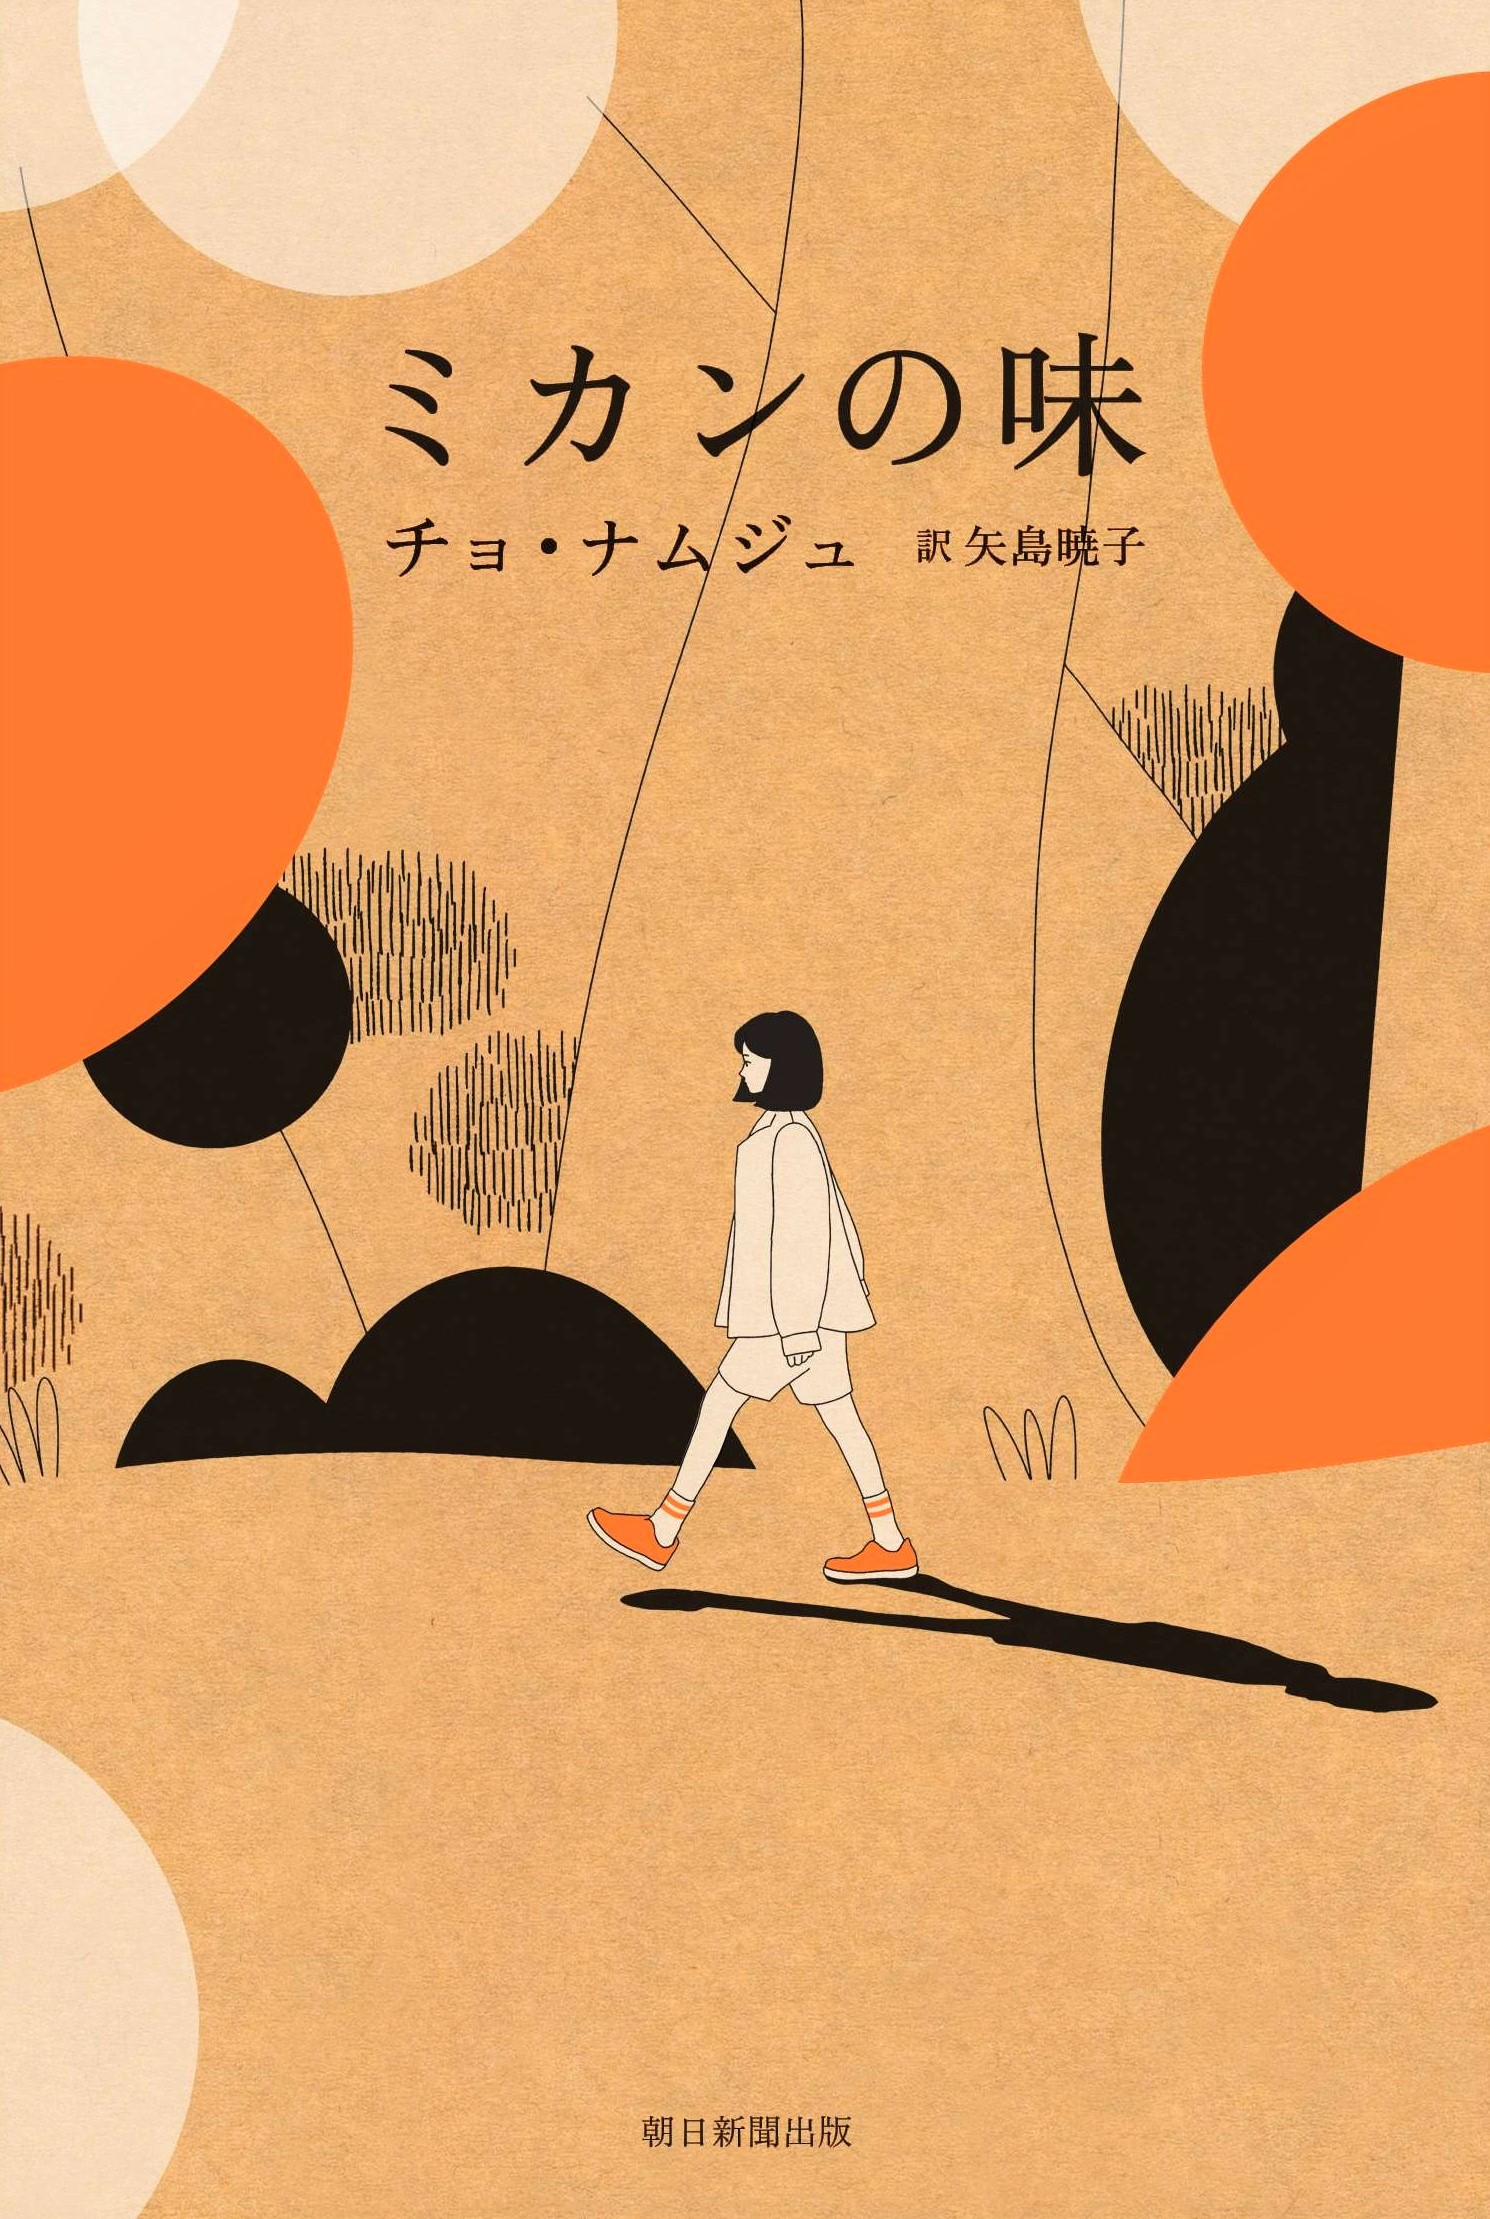 「82年生まれ、キム・ジヨン」の著者、待望の最新作!『ミカンの味』4月20日発売